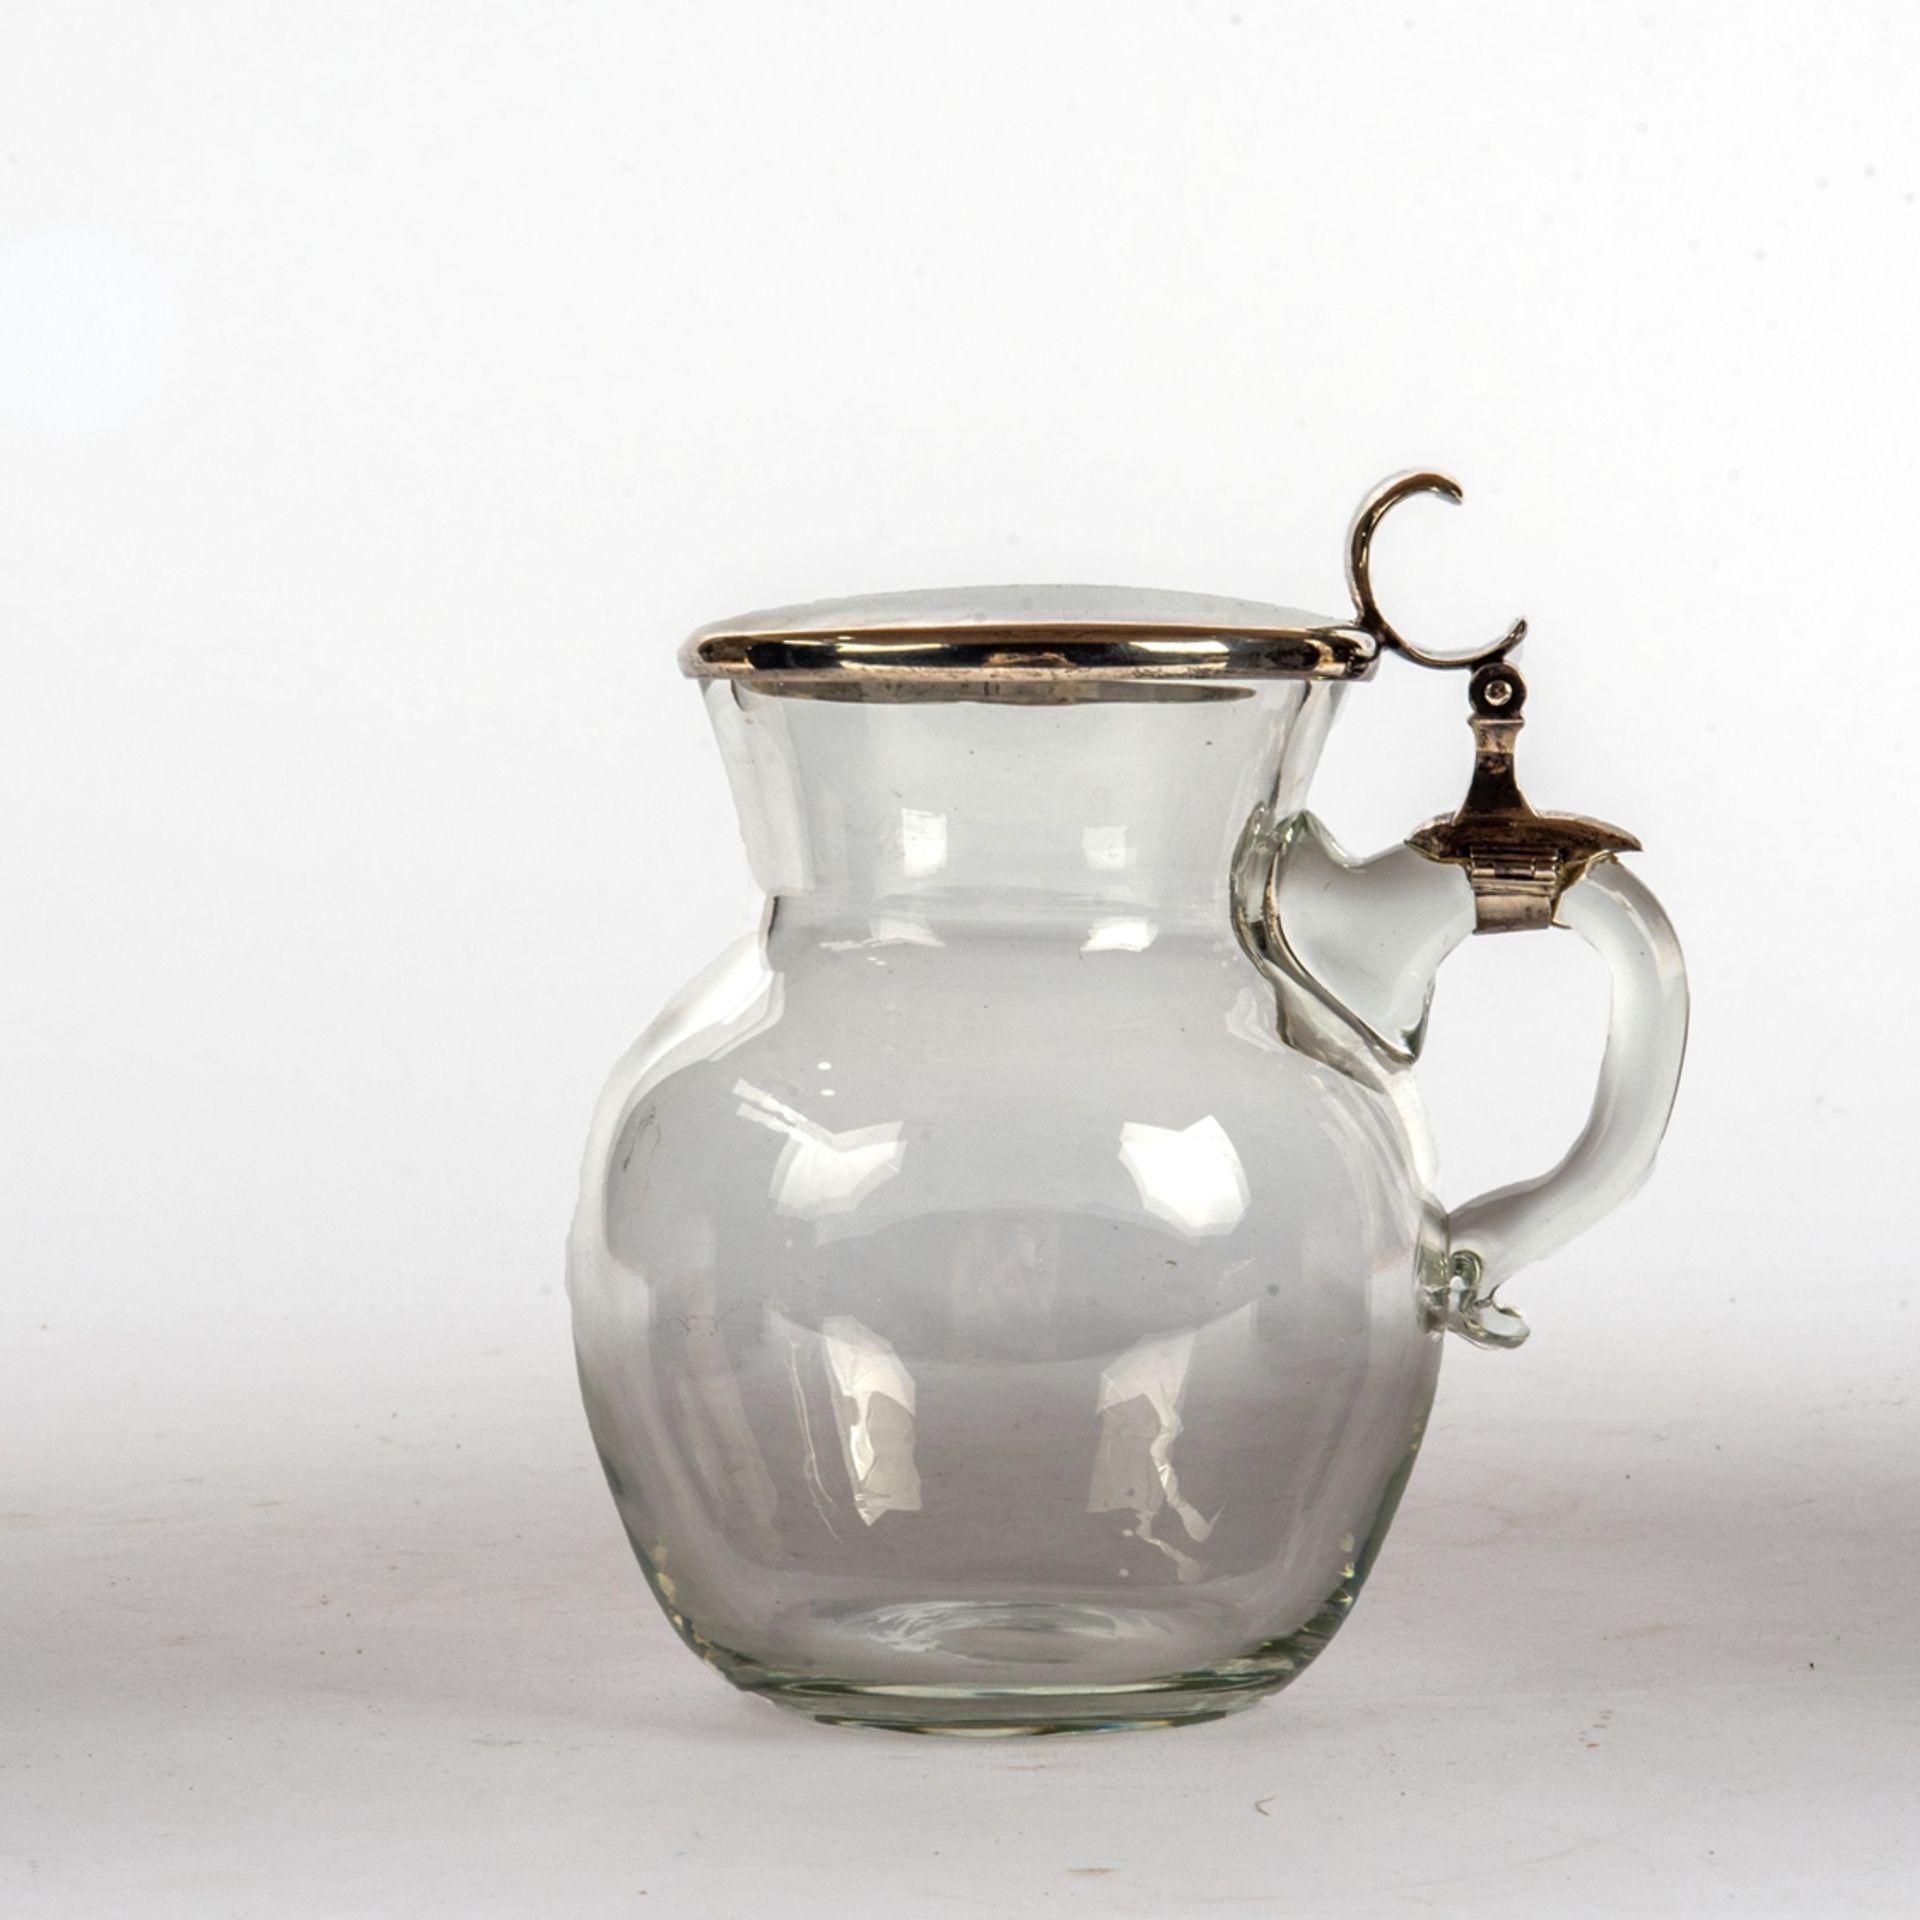 Glaskrug mit Silberdeckel